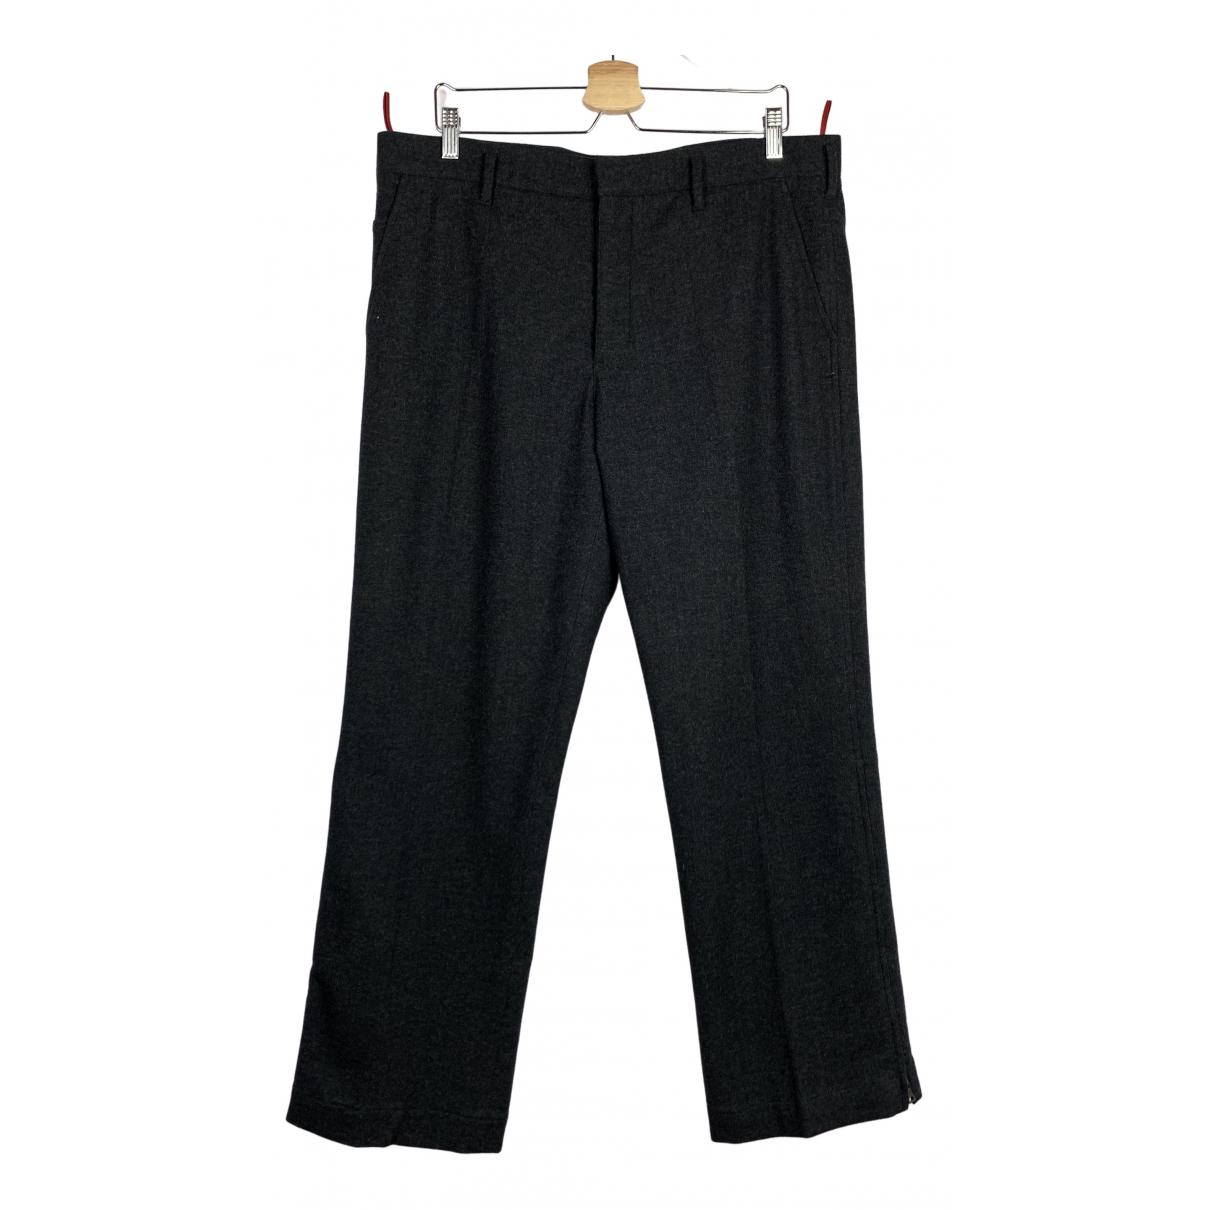 Pantalon de Lana Prada